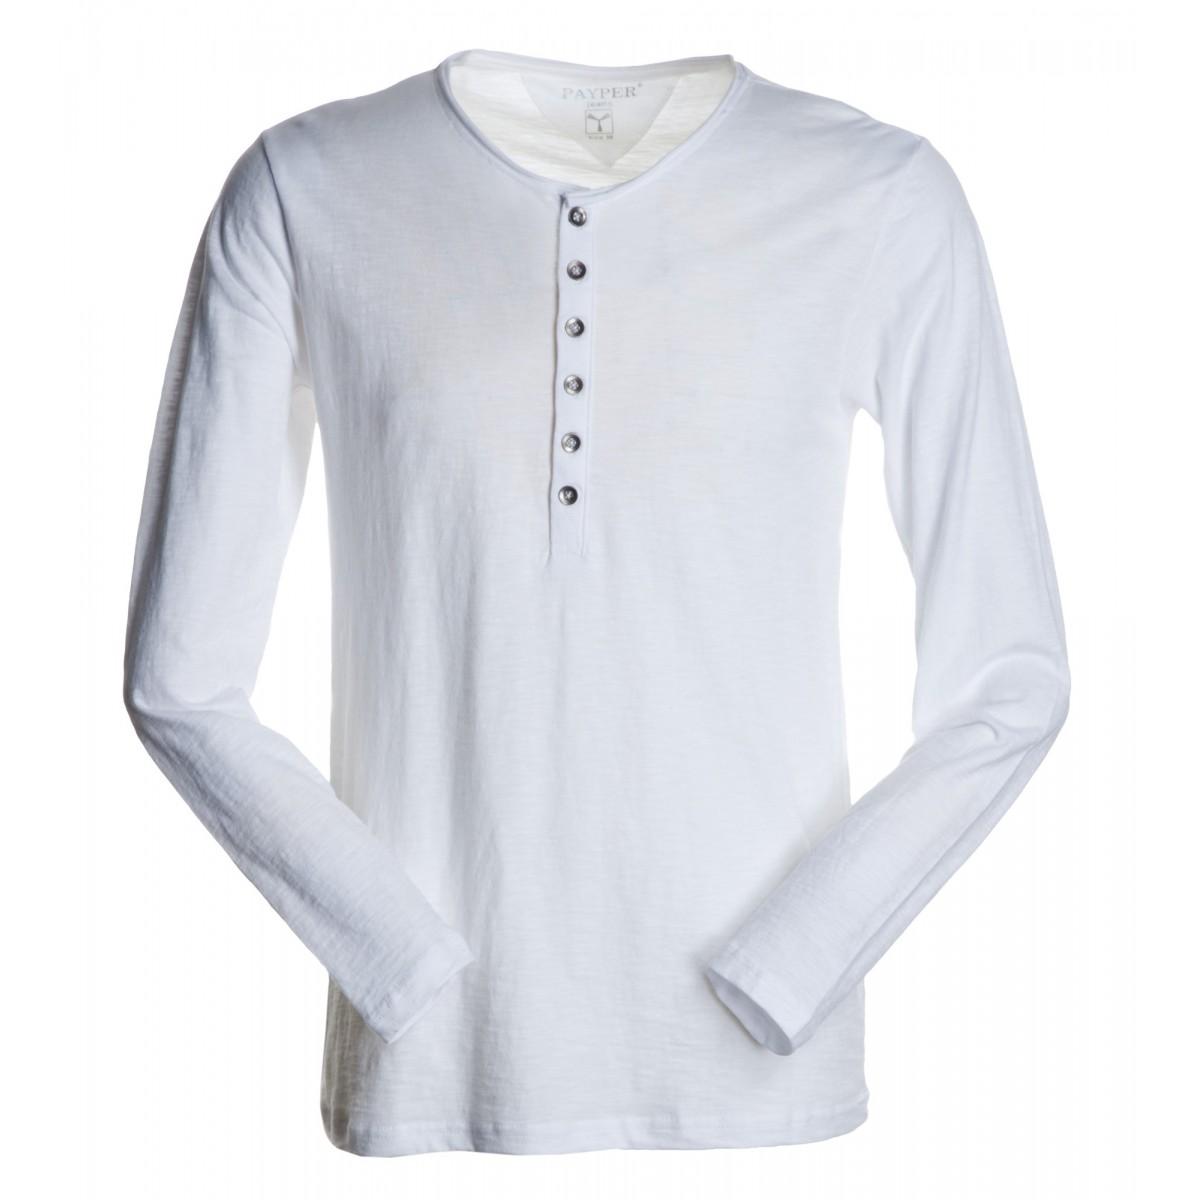 8cd65eec99 t-shirt metropolitan payper uomo manica lunga con apertura con ...